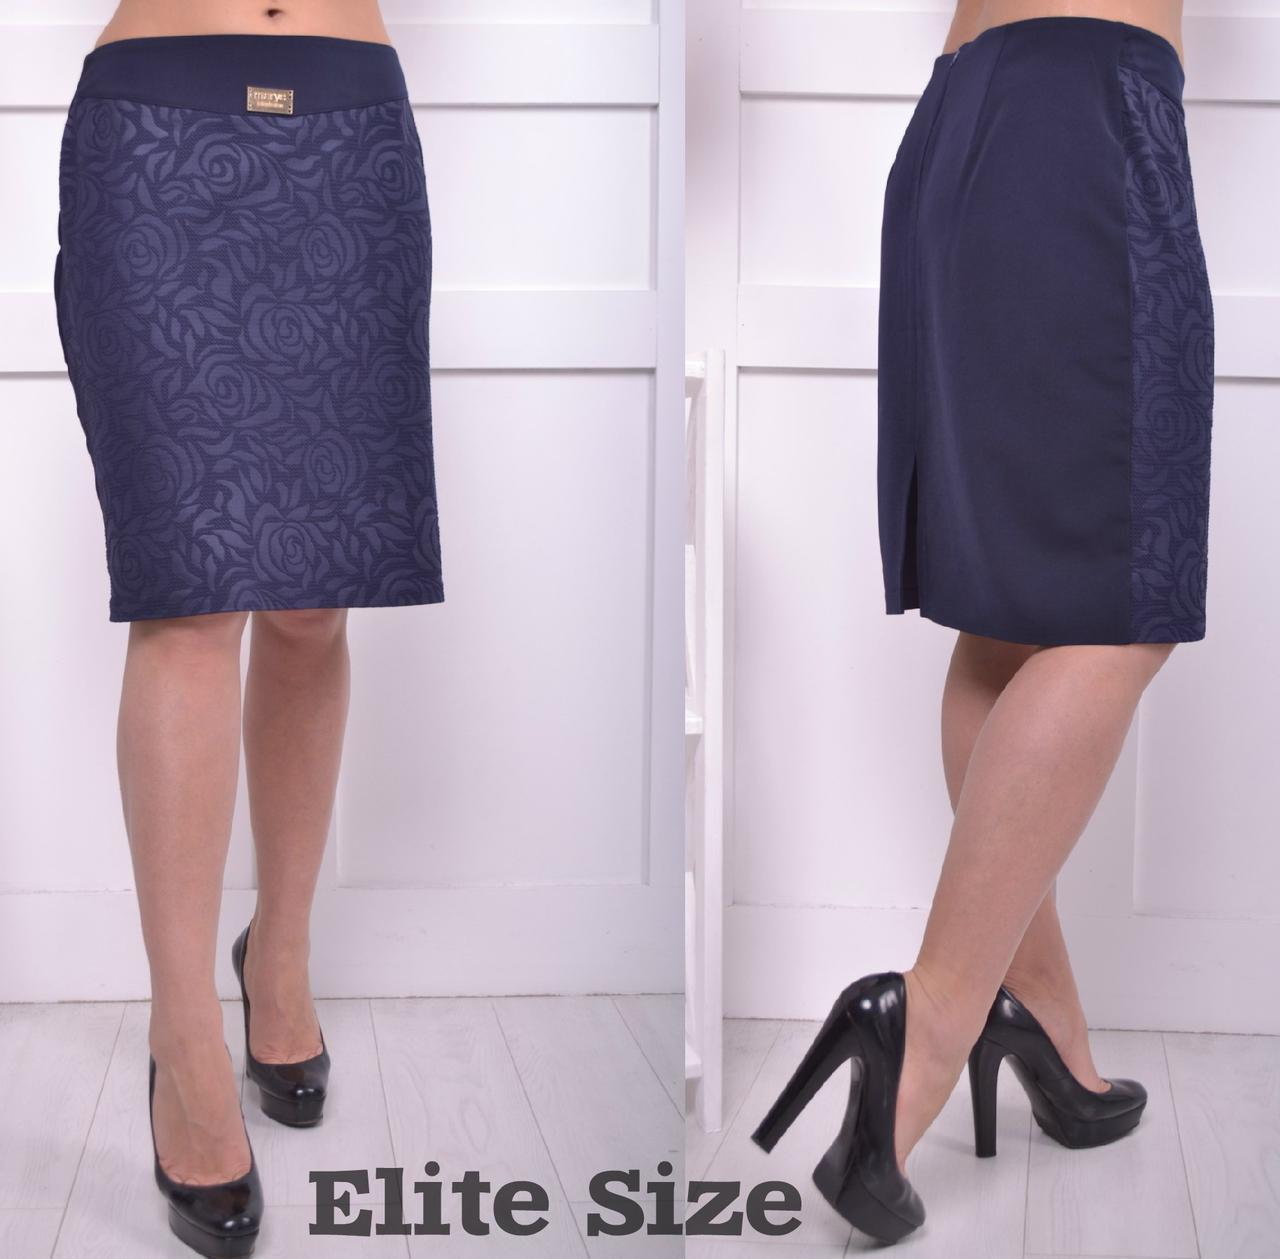 Женская юбка-карандаш в больших размерах из трикотажа 6blr779